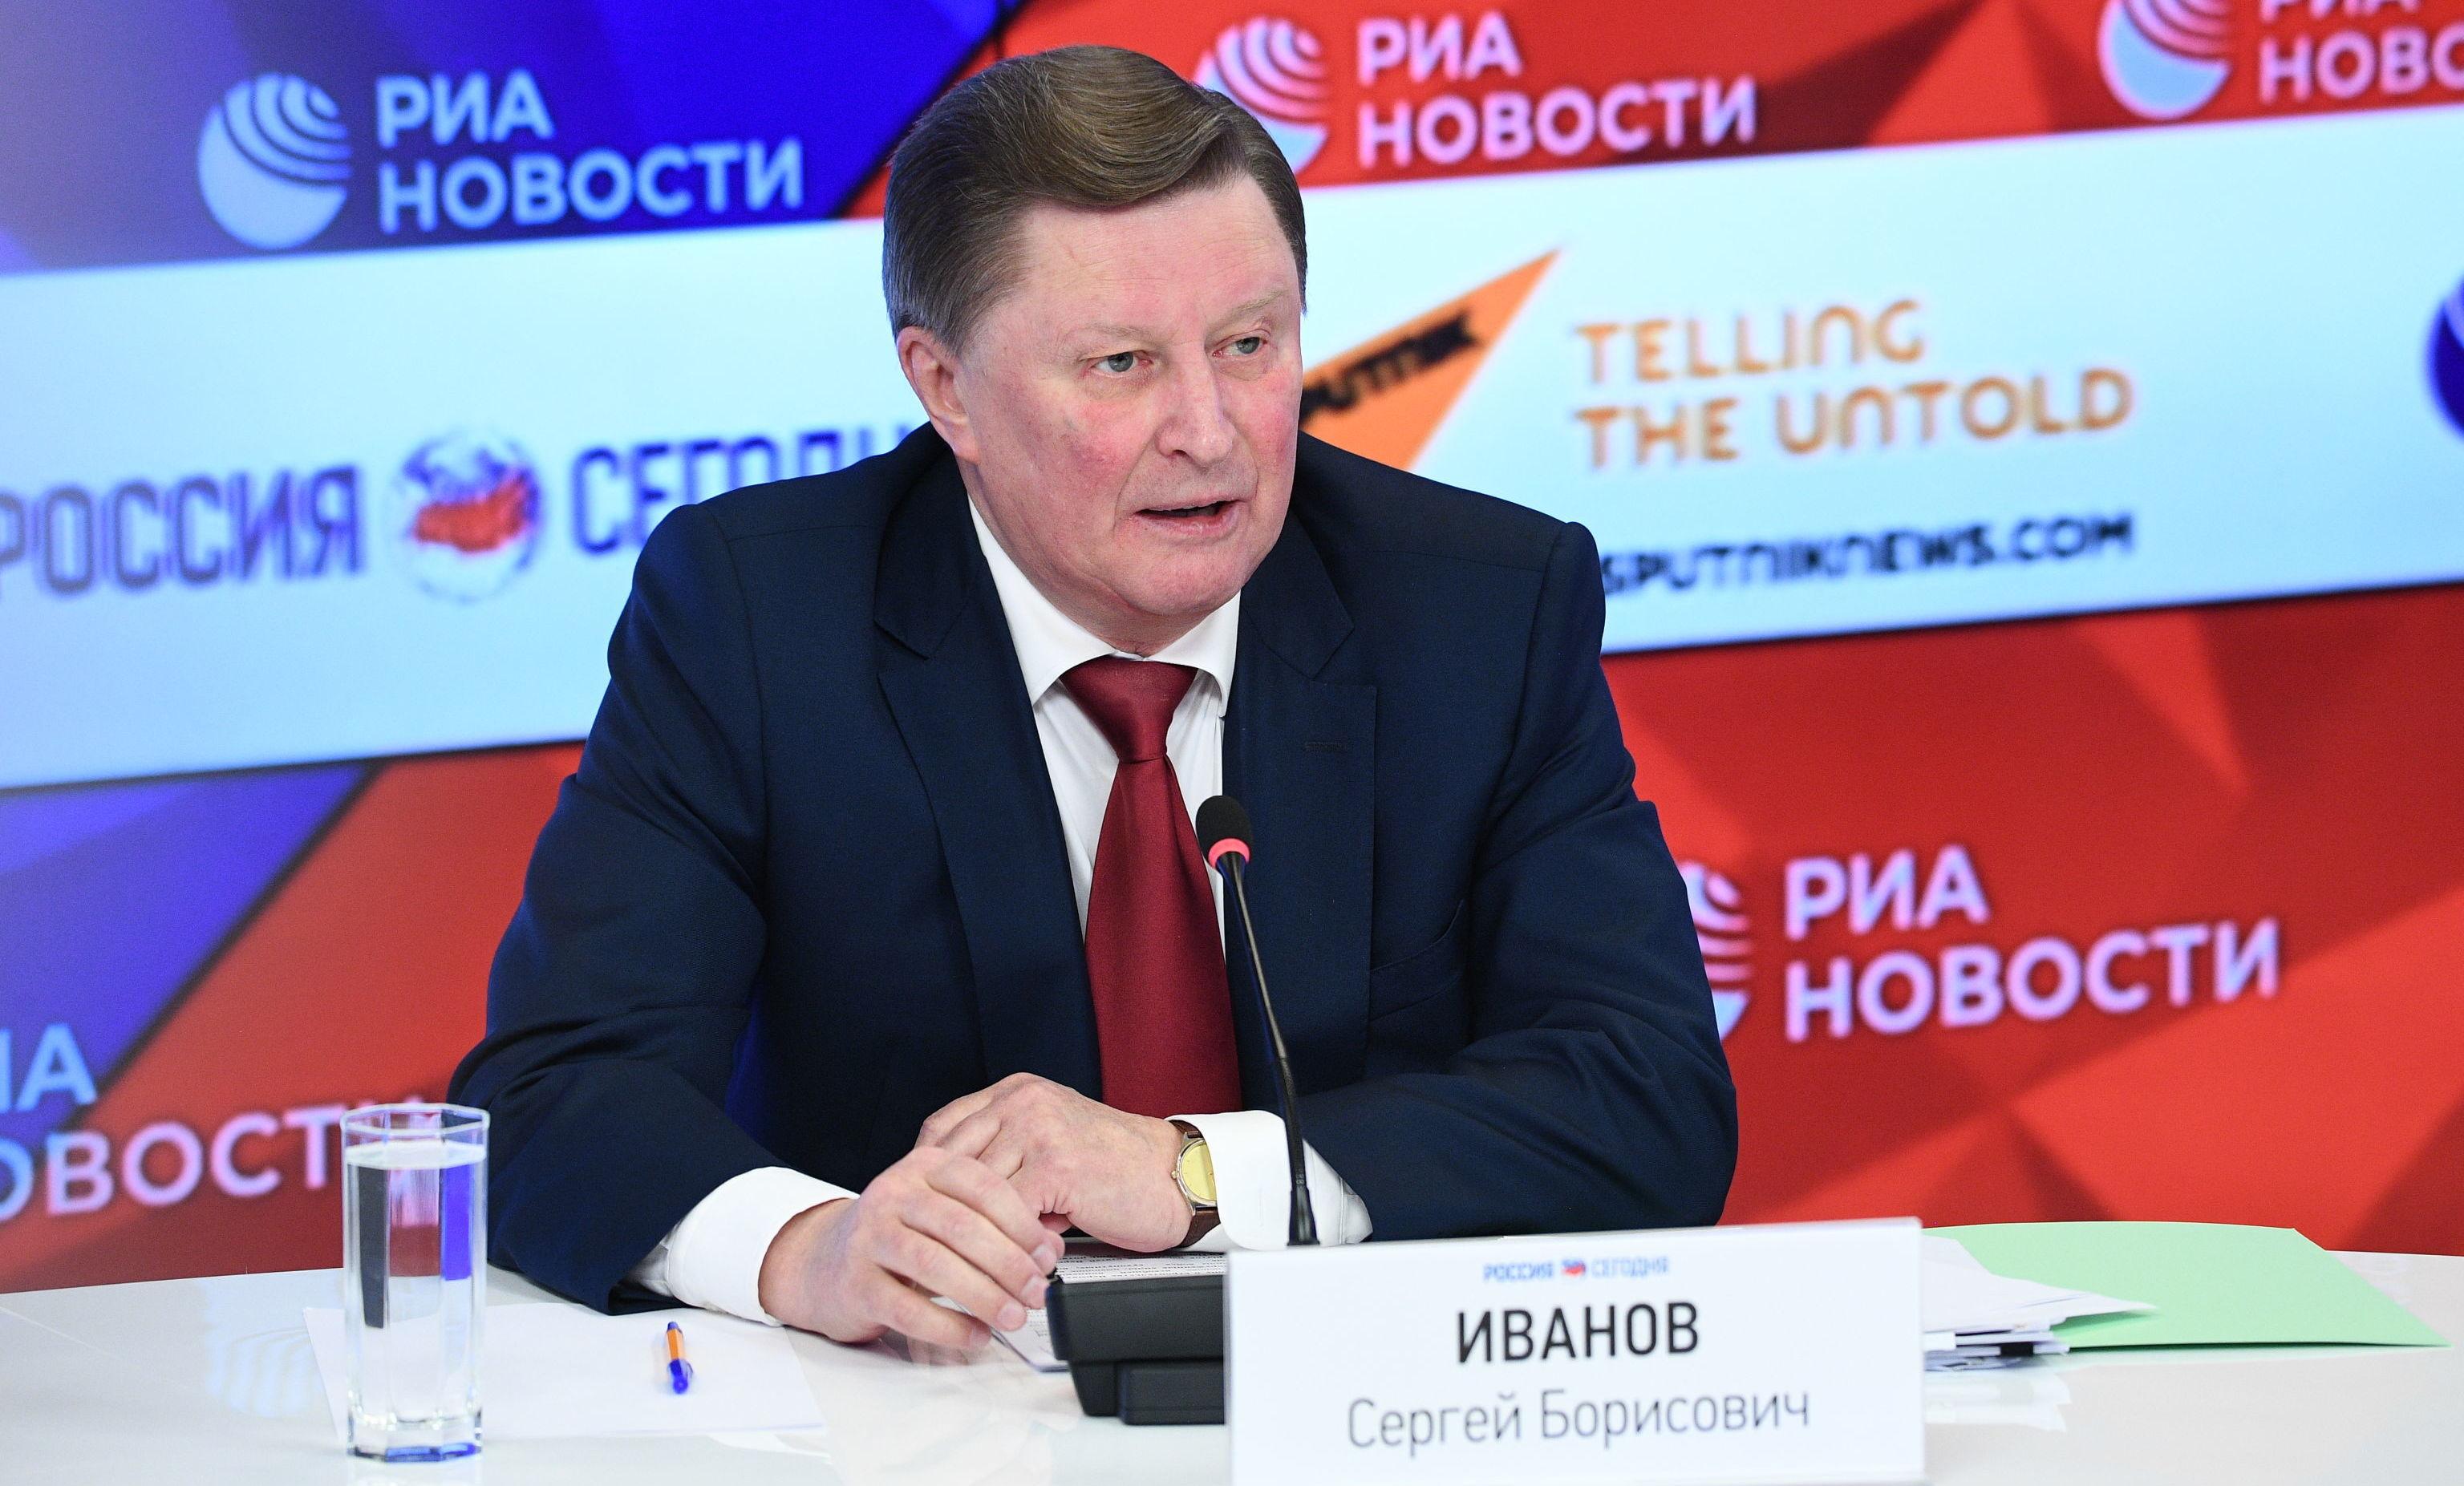 Serguéi Ivanov, exministro de Defensa de Rusia